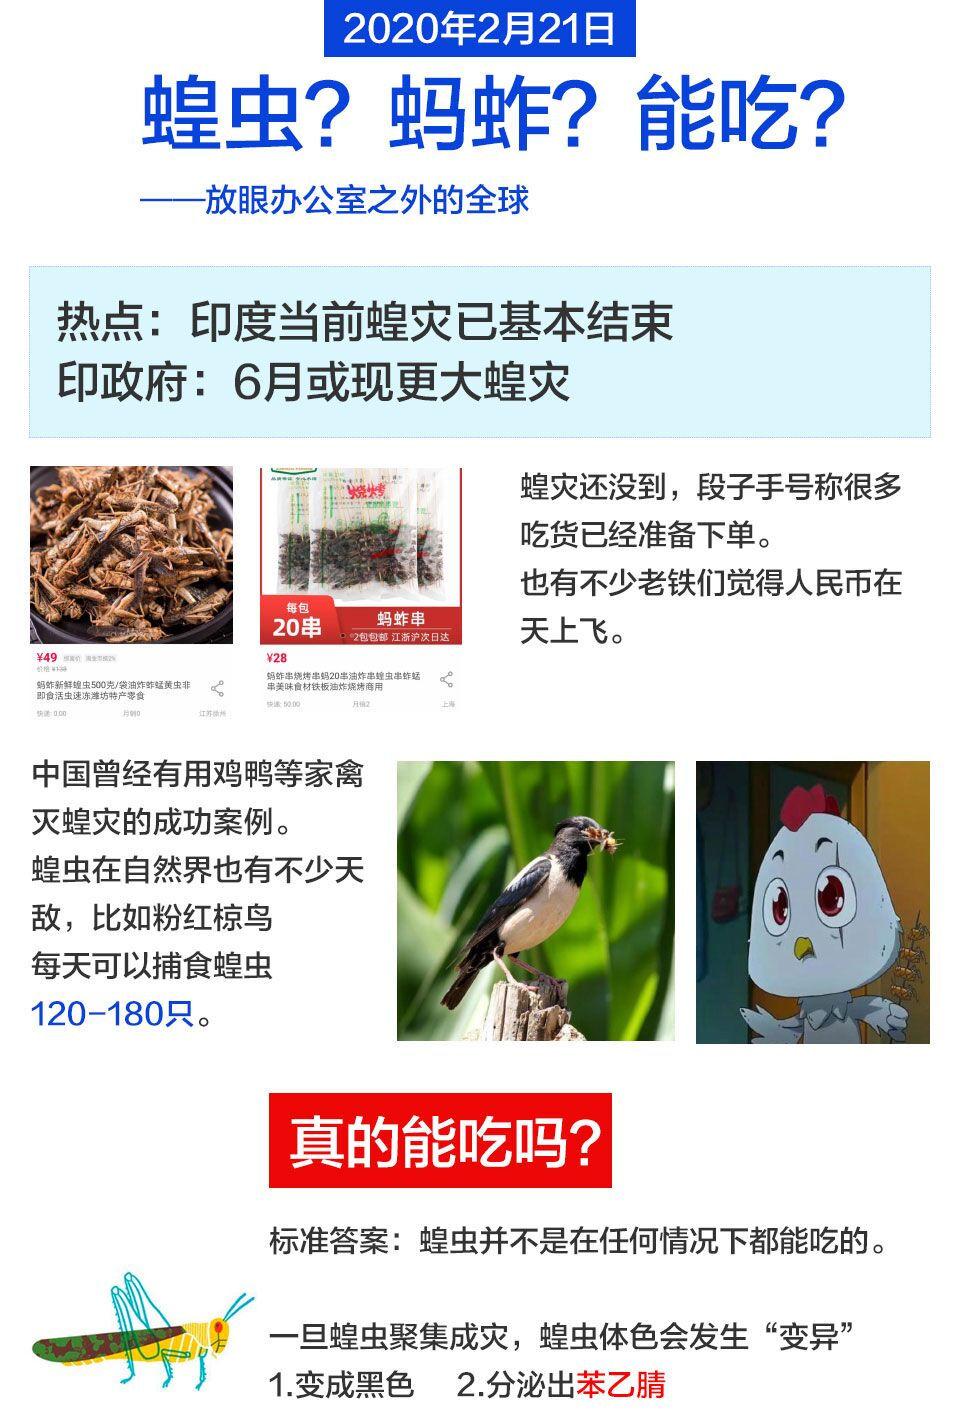 和讯职场小知识:蝗虫?蚂蚱?能吃?